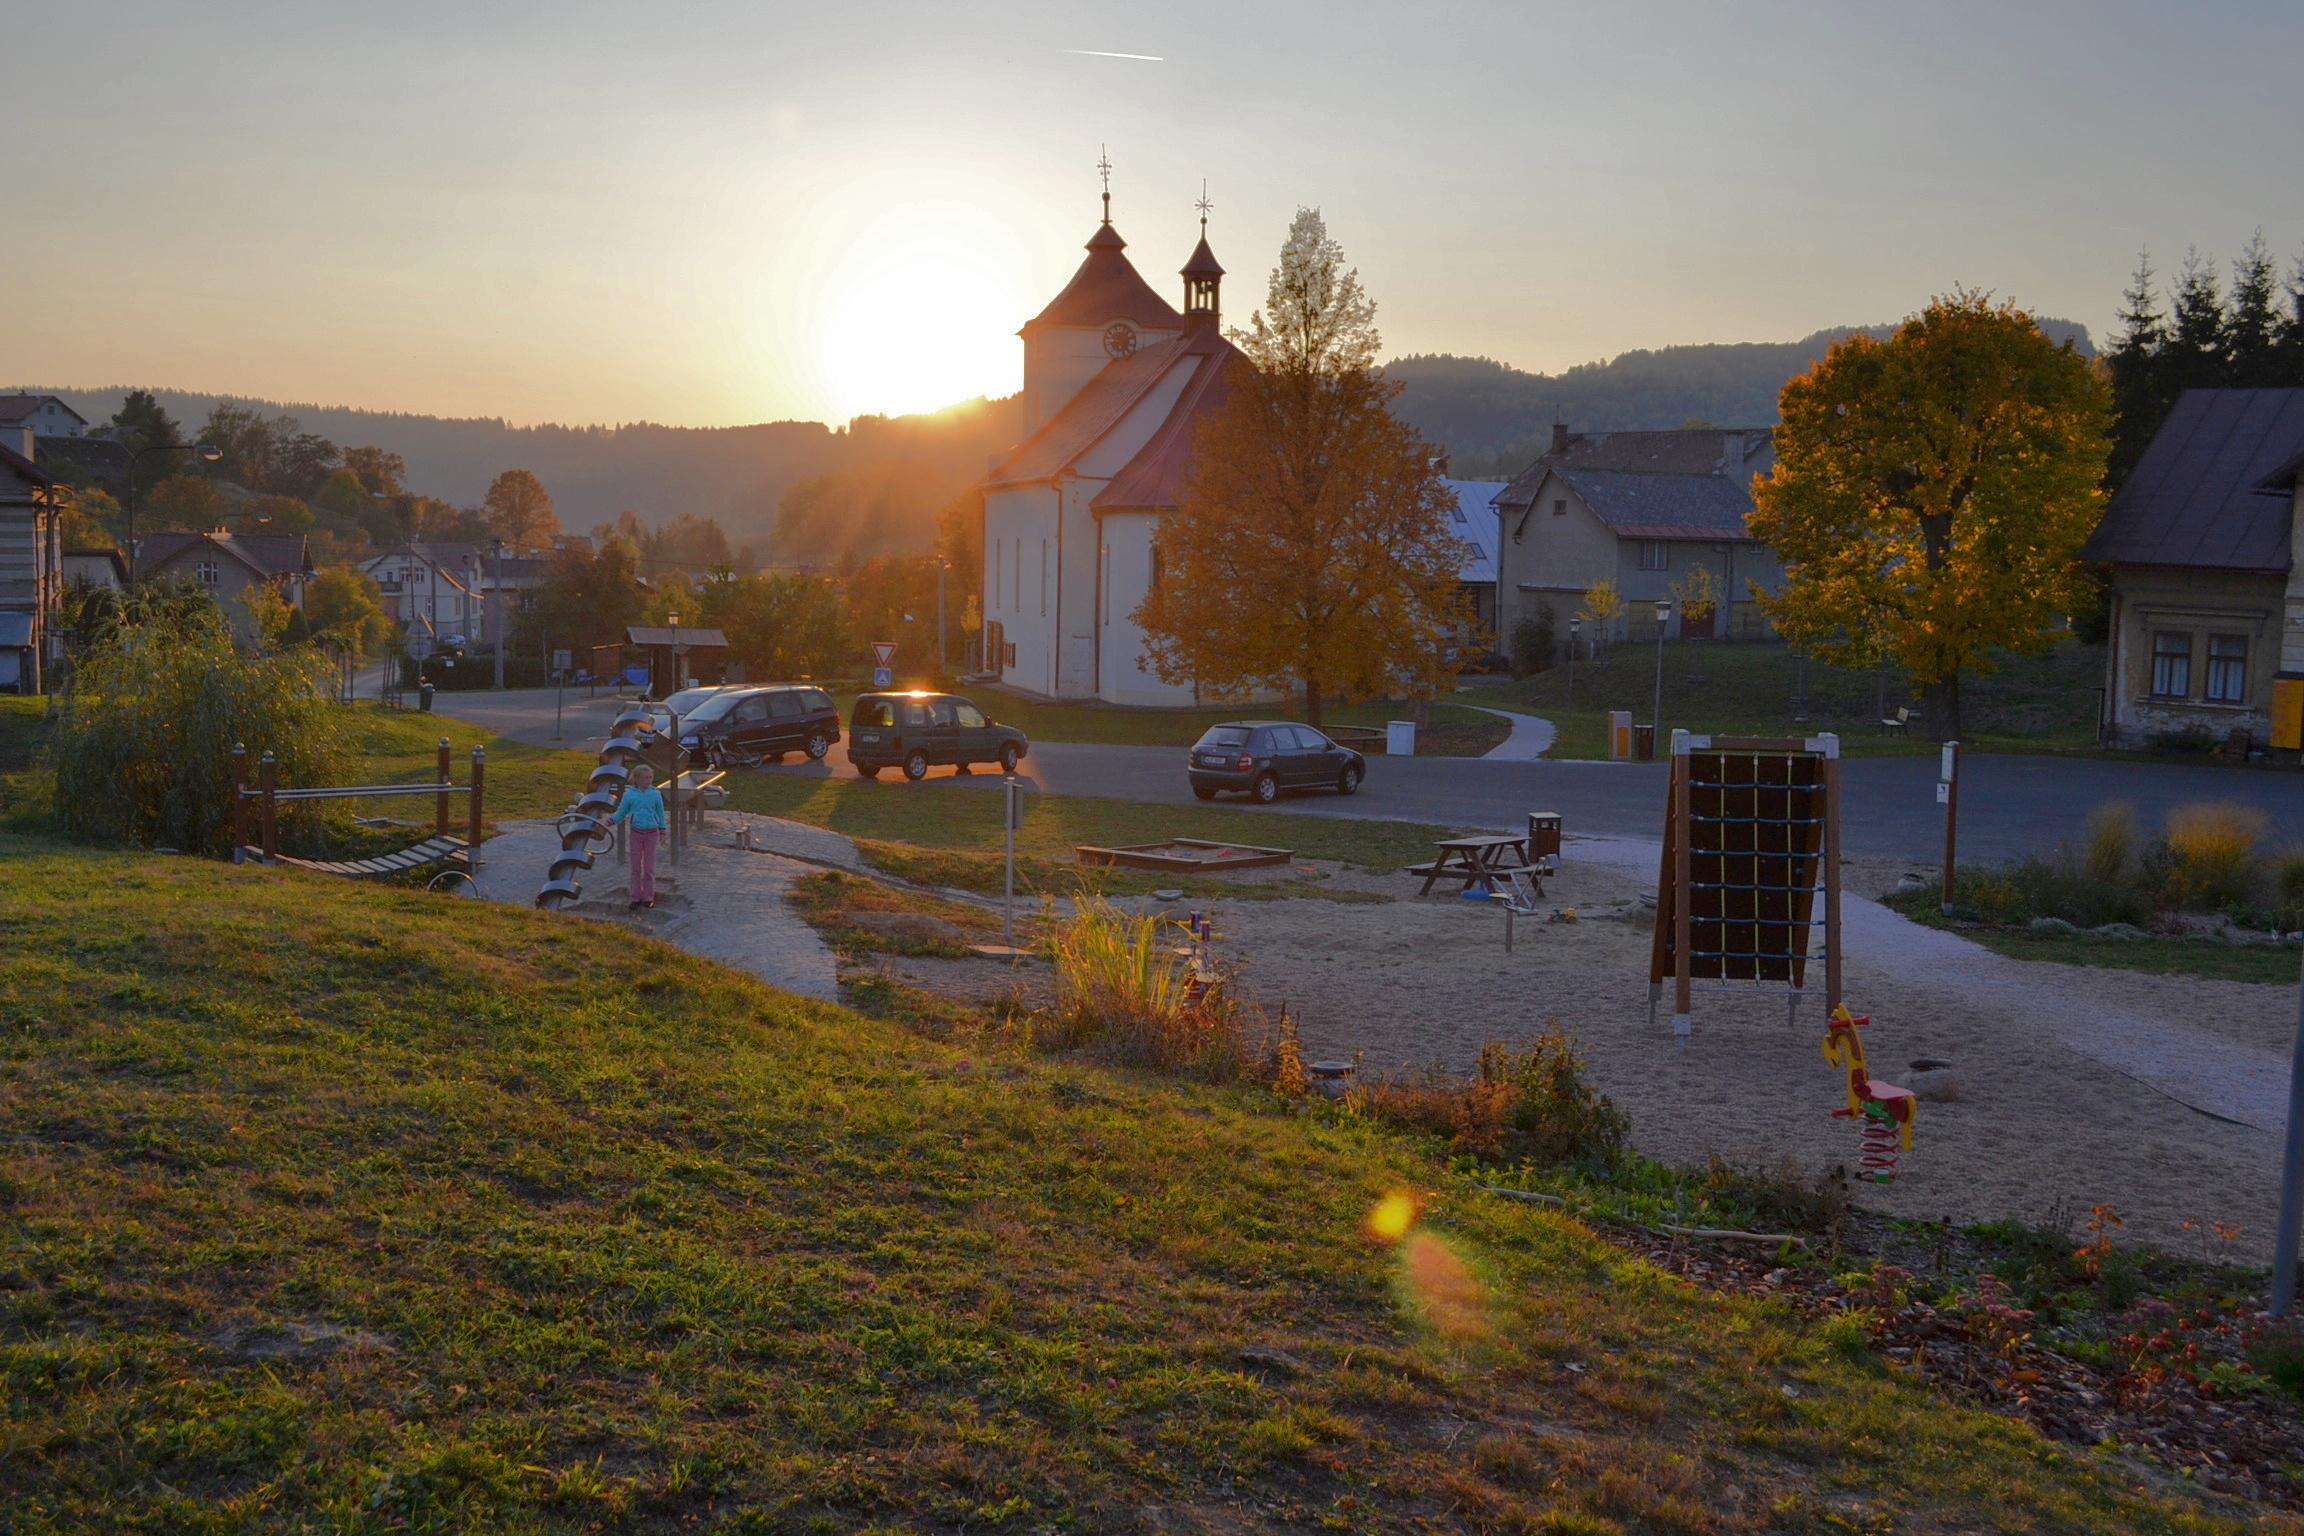 Město a vesnice - Prostor pro děti, táty i báby